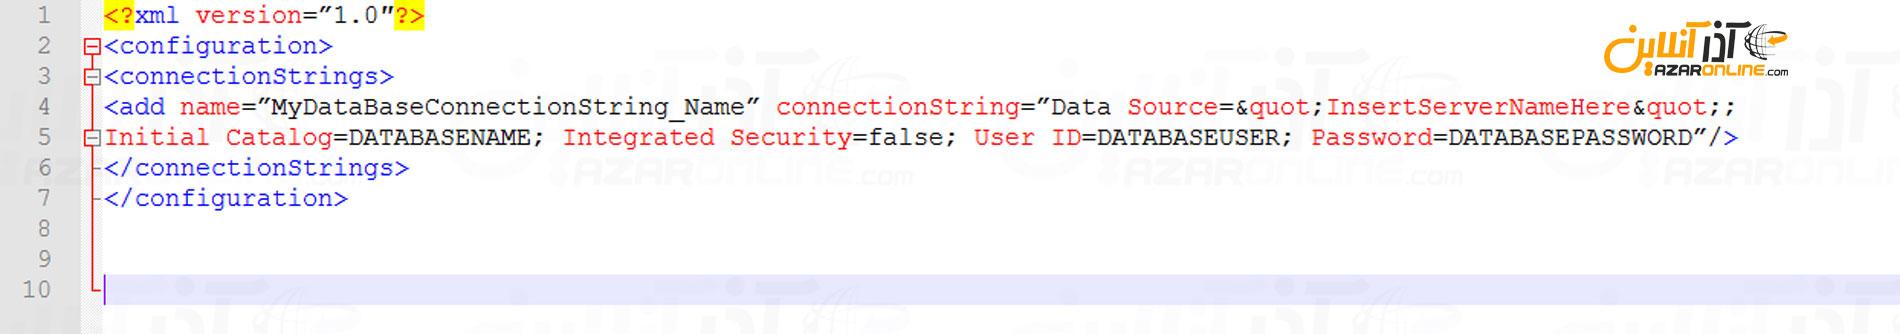 نمونه کد سوم جهت تنظیم web.config جهت ارتباط با SQL در هاست ویندوز